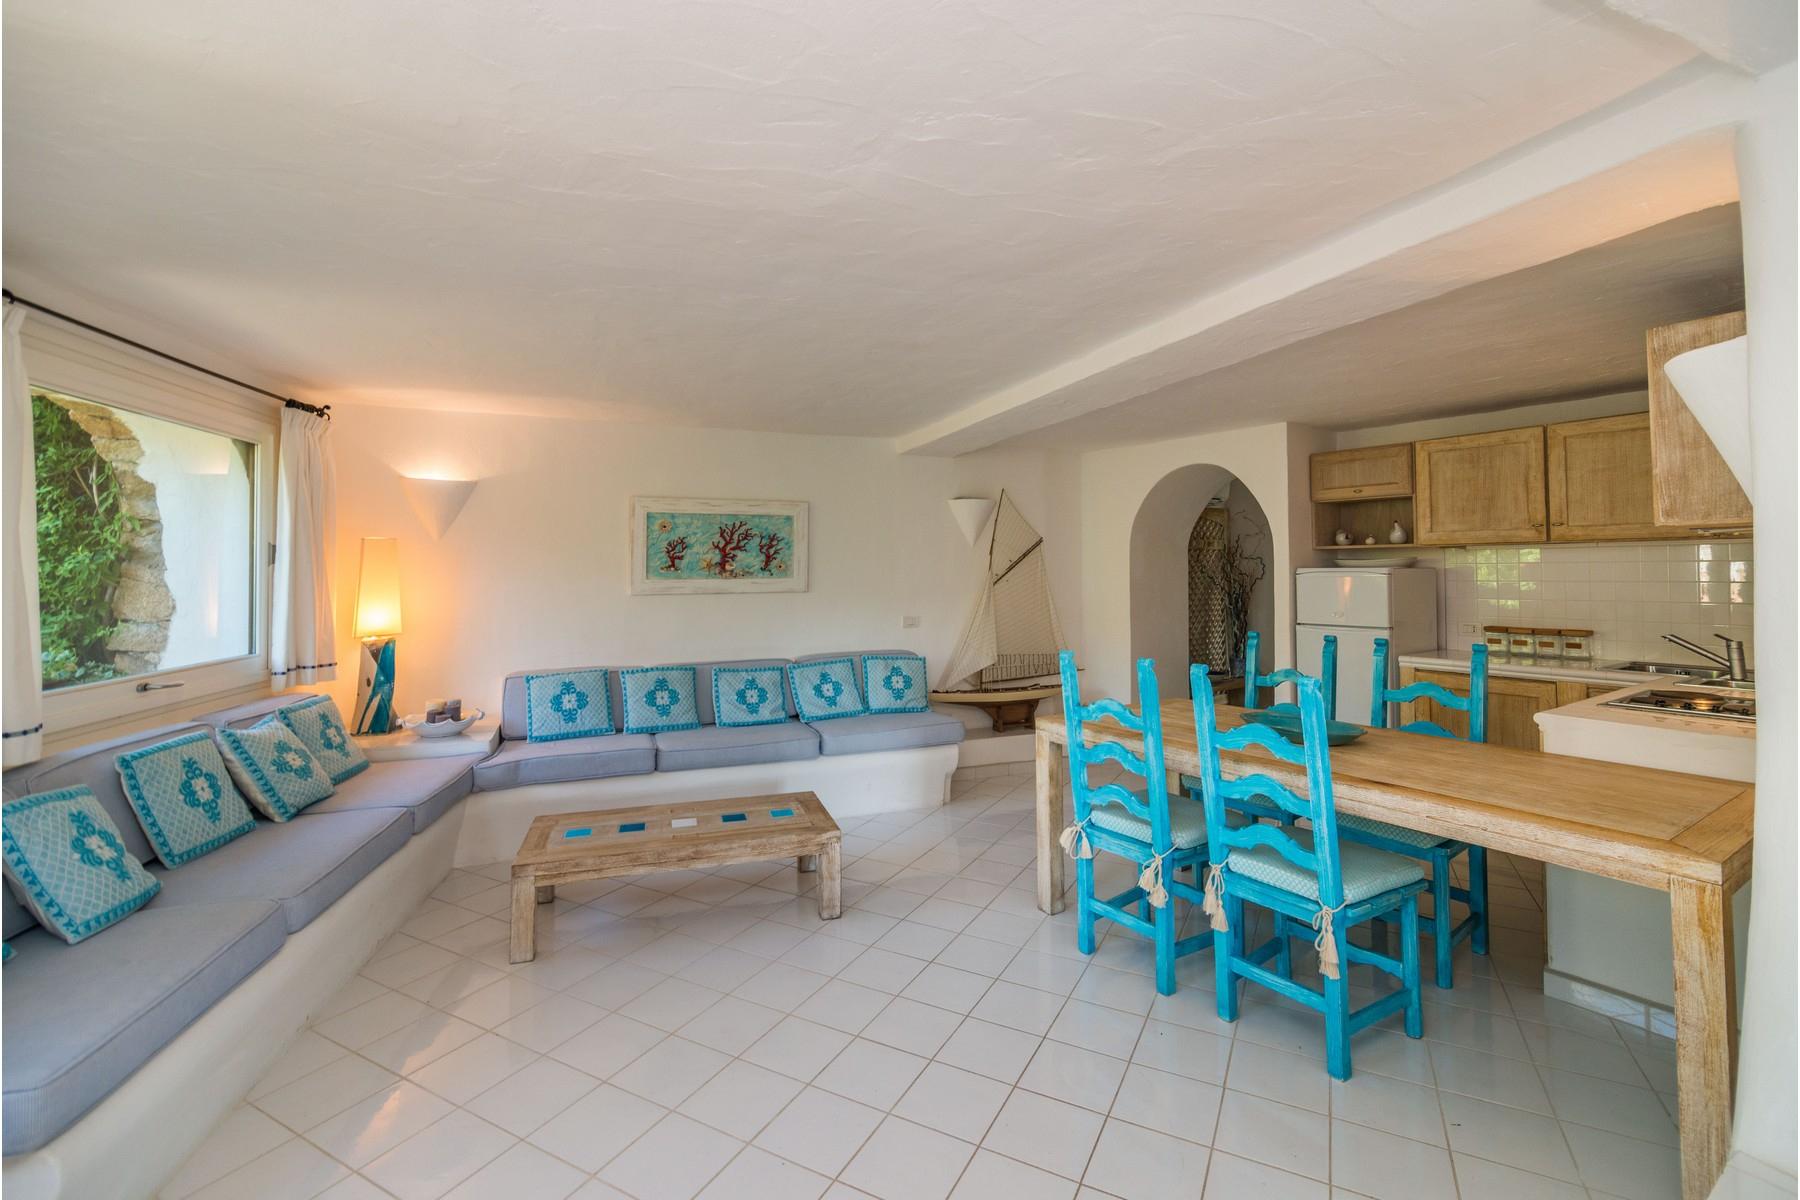 Villa in Vendita a Arzachena: 5 locali, 173 mq - Foto 26